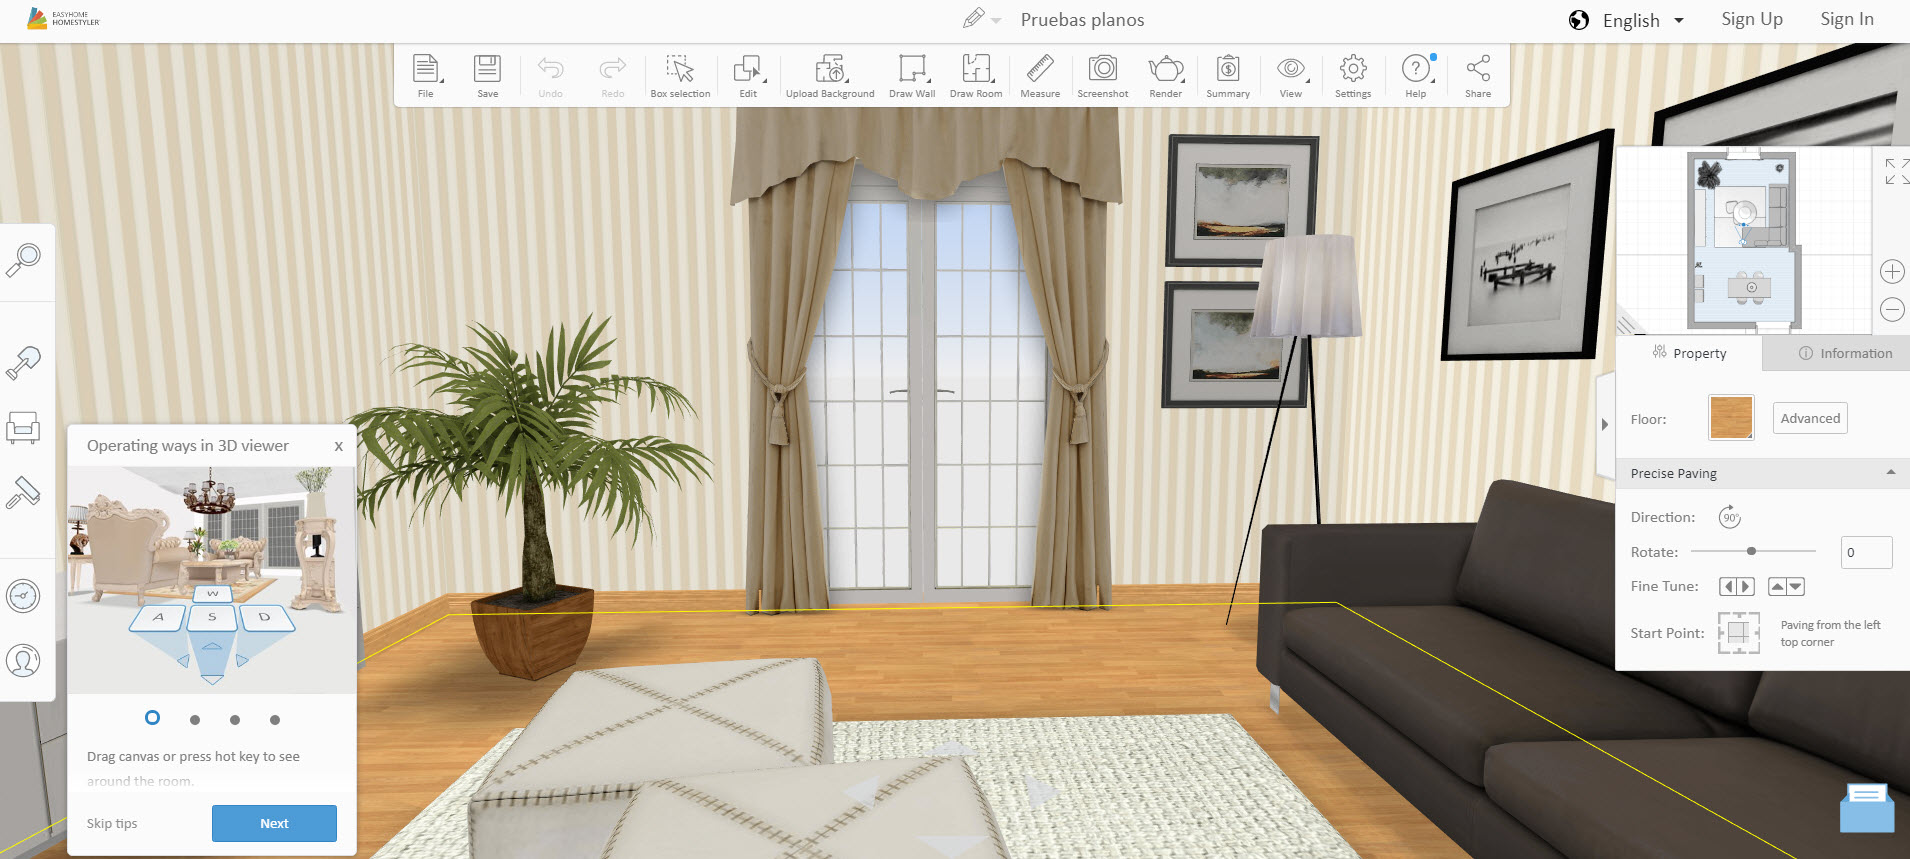 Aplicaciones de dise o de planos de casas y decoraci n de for Programa de diseno de interiores online